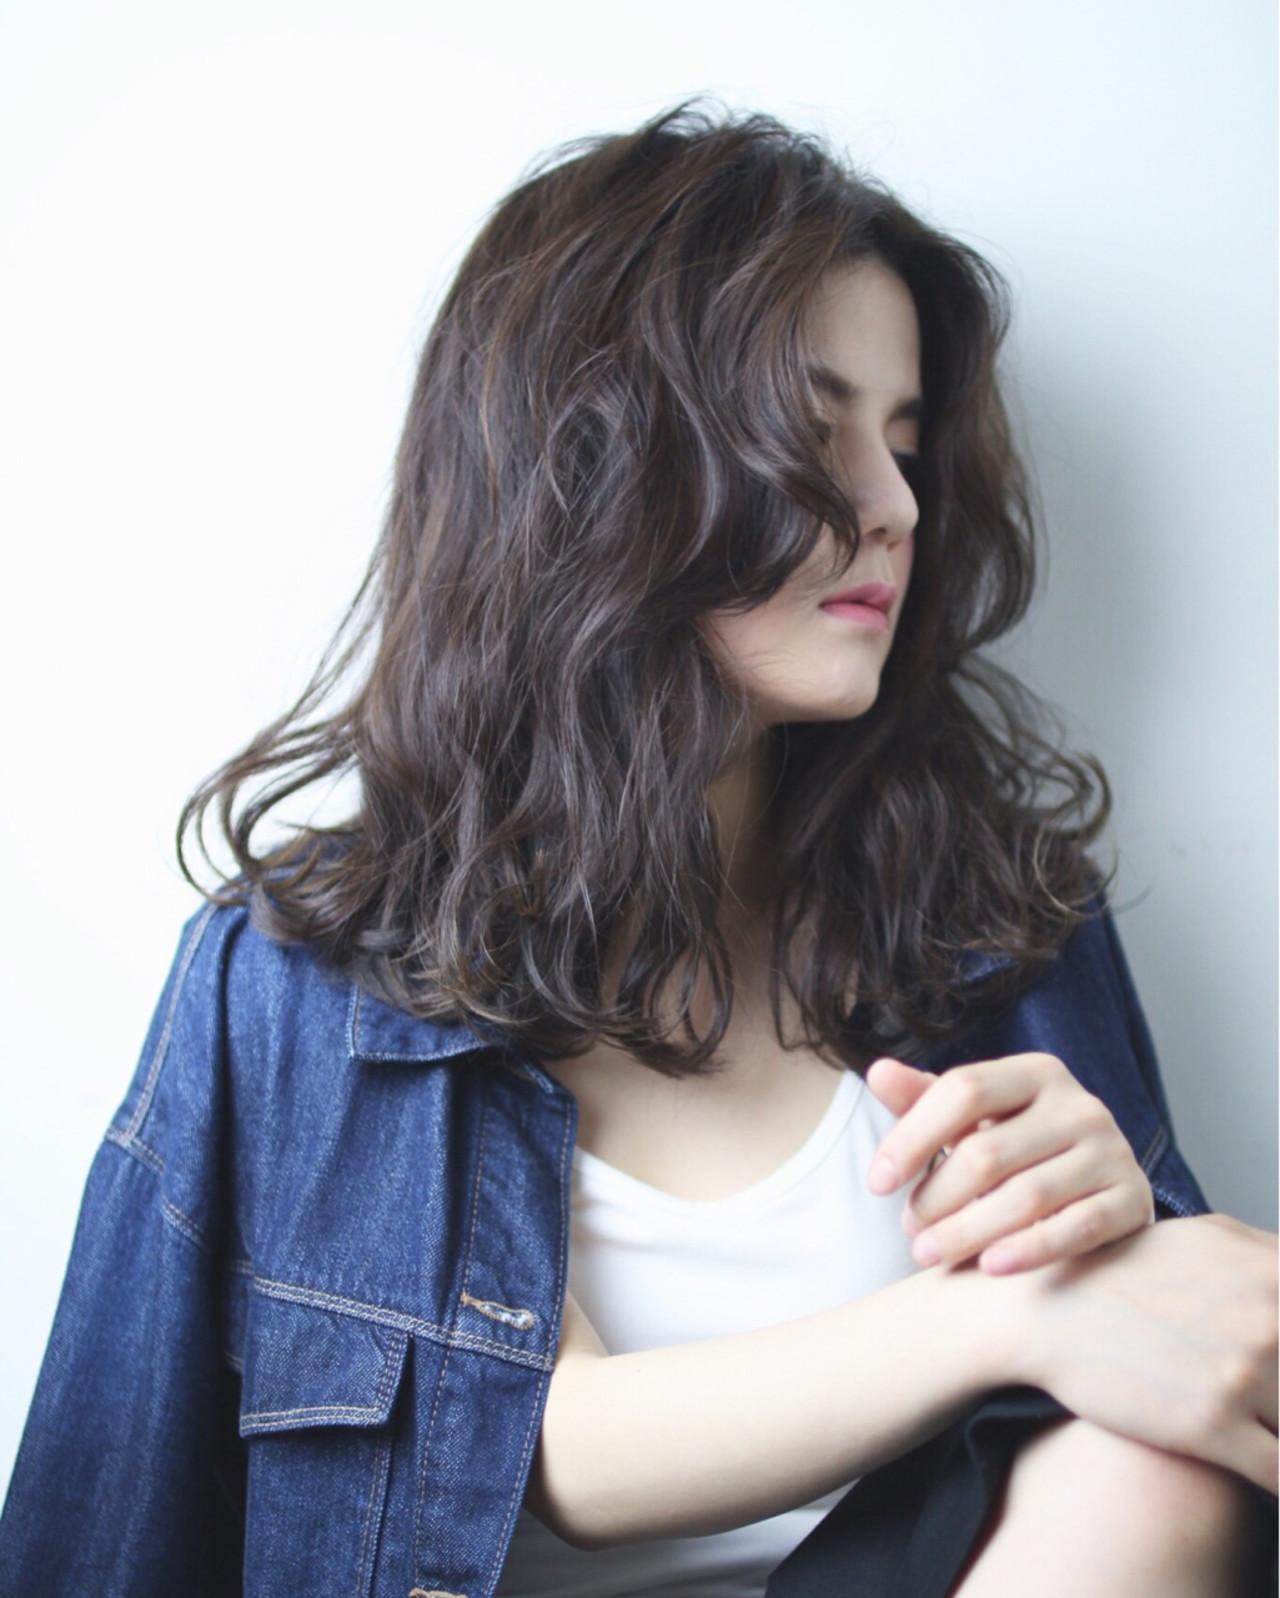 暗髪 波ウェーブ ウェーブ ストリート ヘアスタイルや髪型の写真・画像 | 亀山 直紀 / Ash 二子玉川